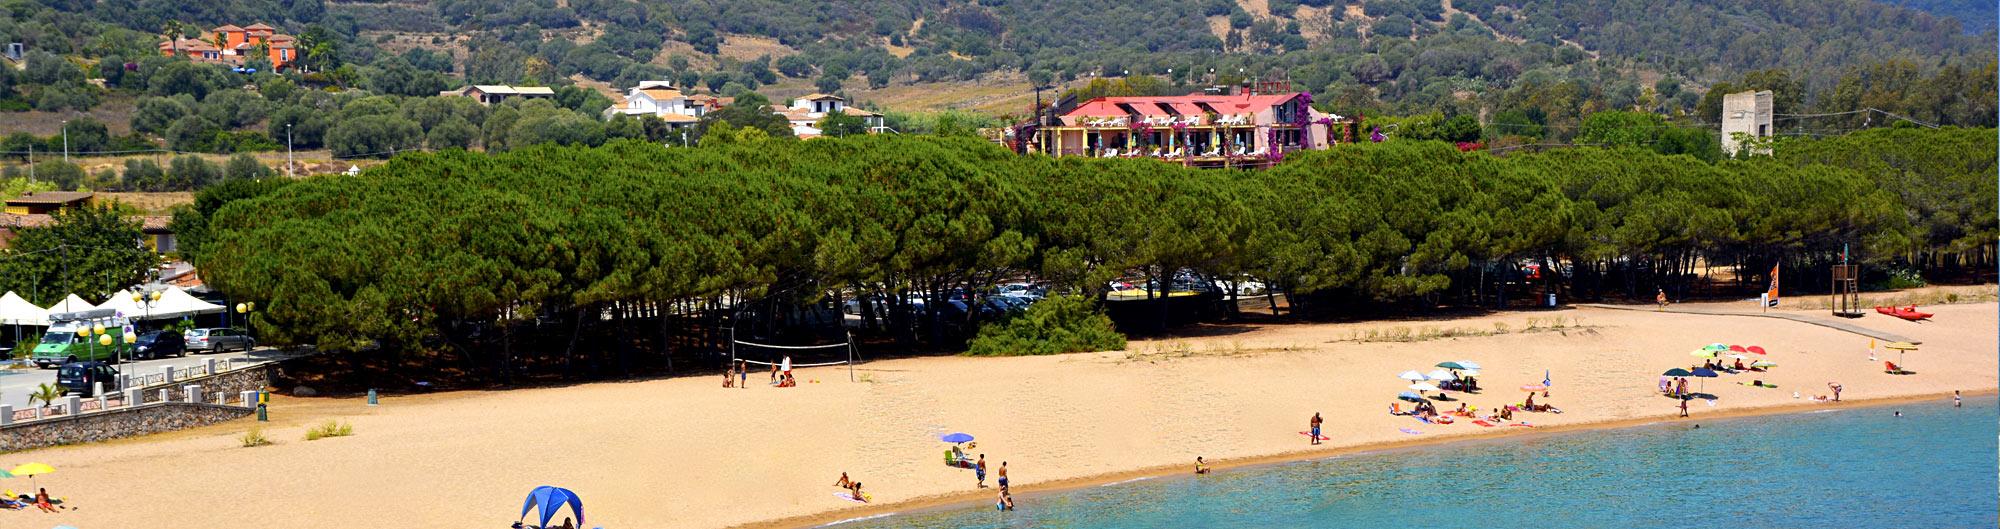 hotel-sulla-spiaggia-in-sardegna